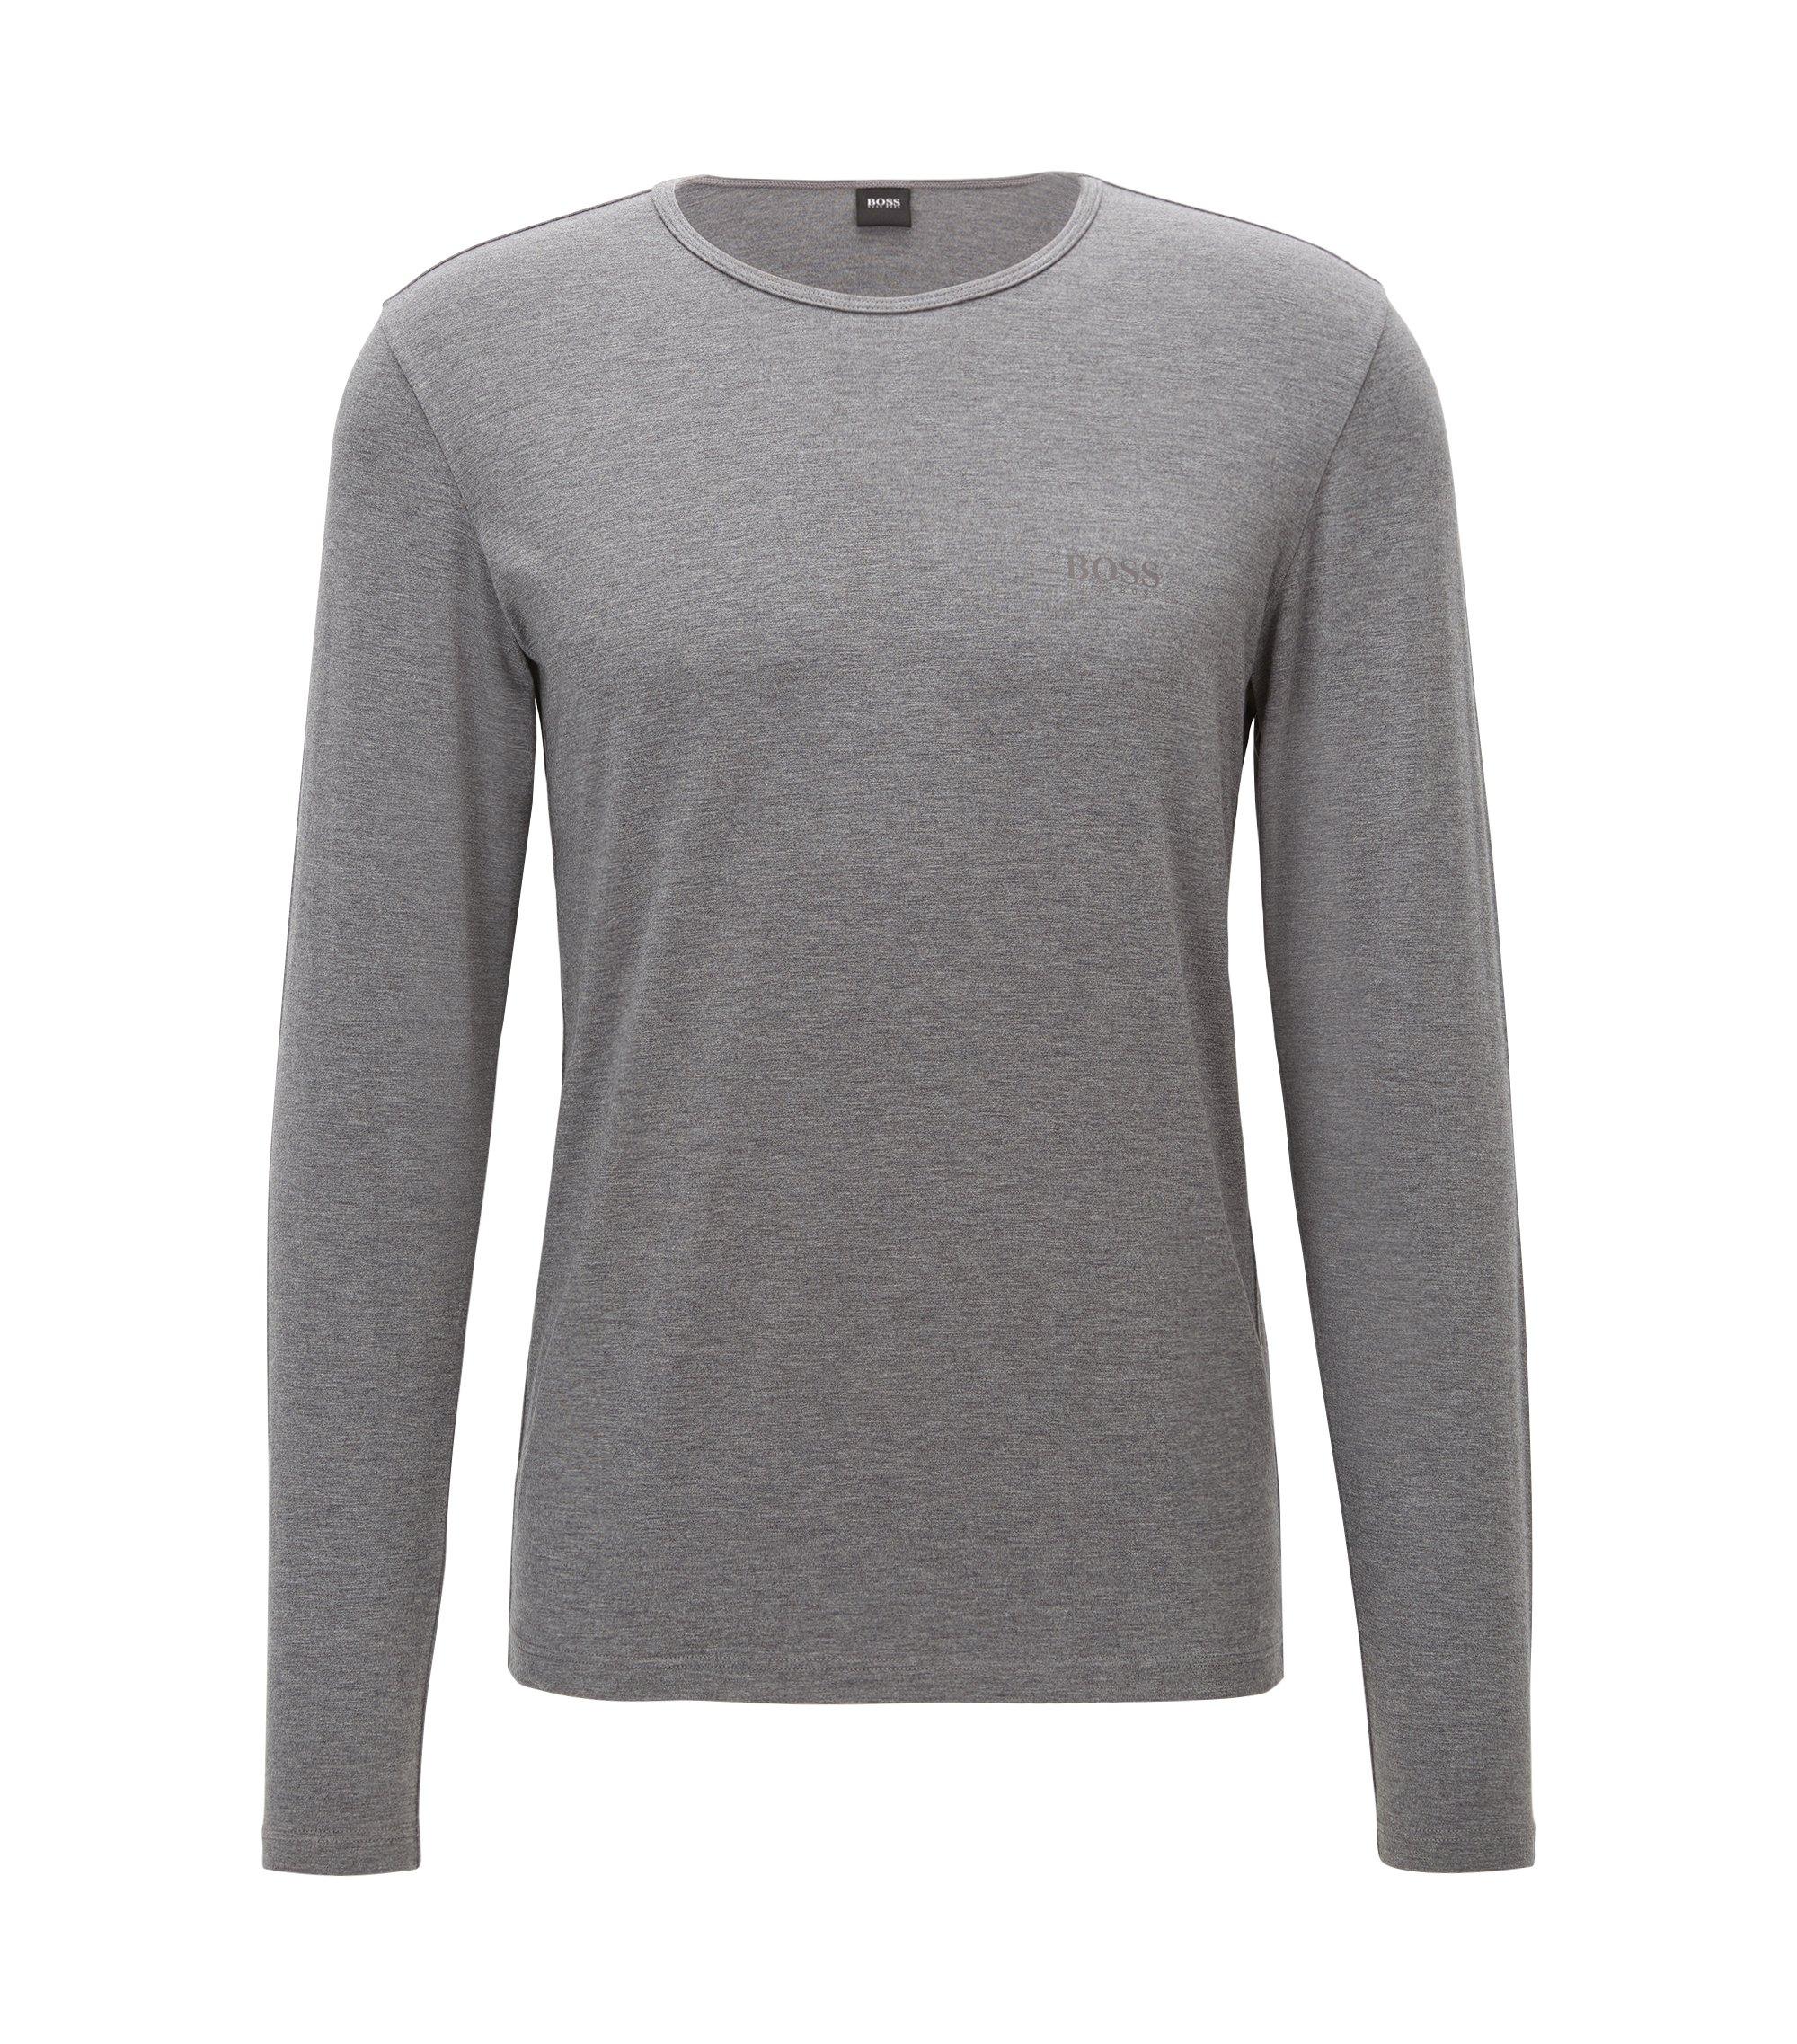 T-shirt a maniche lunghe in tessuto che conserva il calore, Grigio antracite